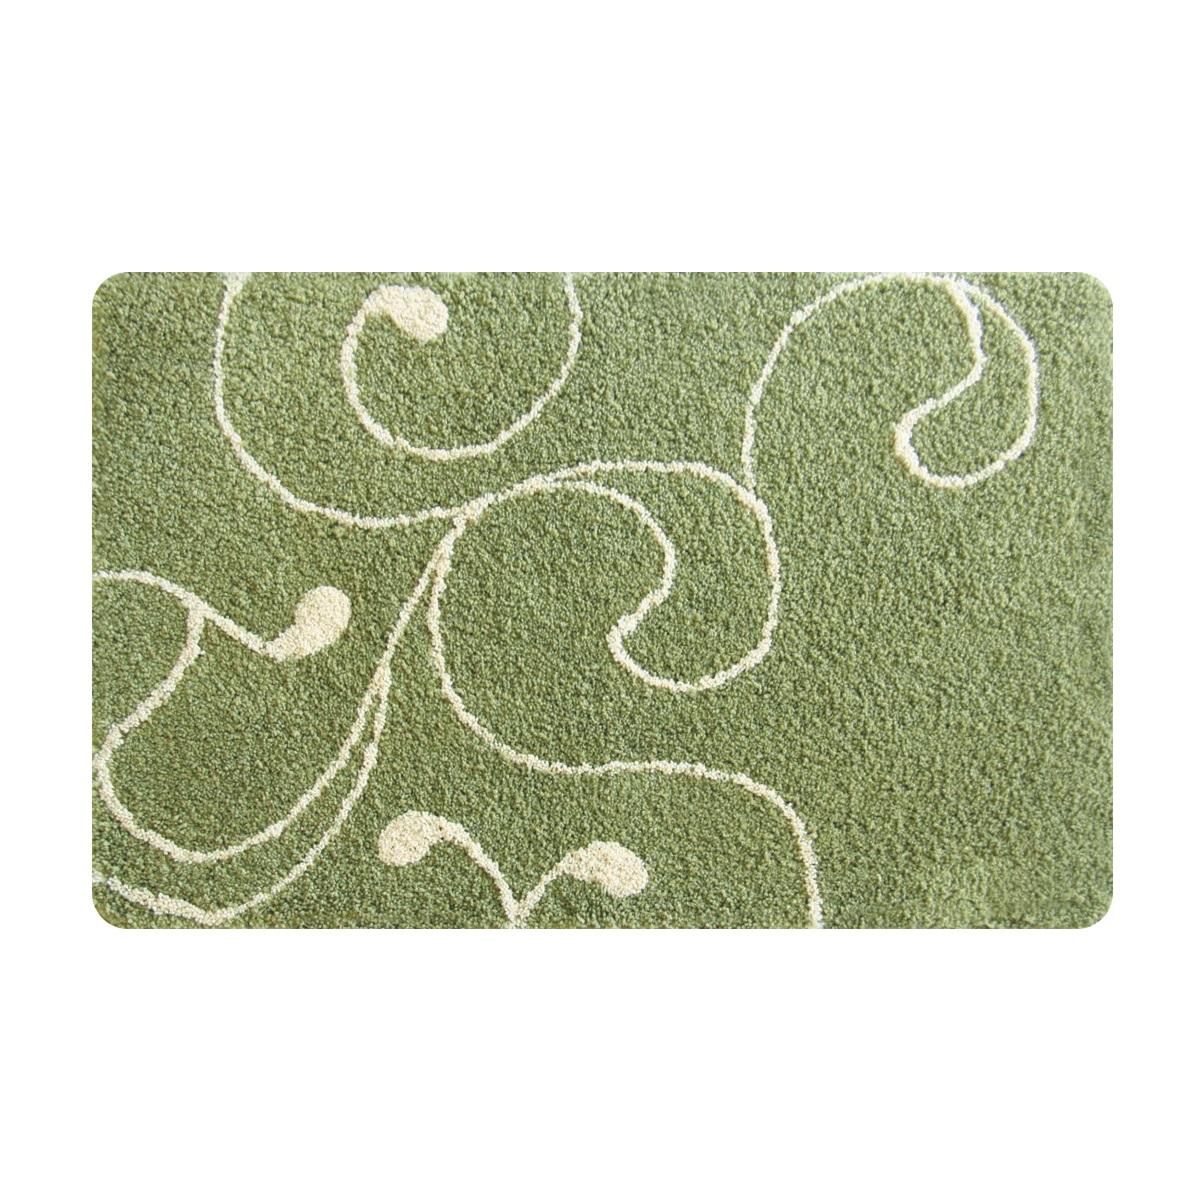 Коврик для ванной Iddis Flower Lace Green, цвет: зеленый, 60 х 90 см412M690I12Коврик для ванной комнаты Iddis выполнен из микрофибры. Коврик имеет специальную основу, благодаря которой он не скользит на напольных покрытия в ванной, что обеспечивает безопасность во время использования. Коврик изготавливается по специальным технологиям машинного ручного тафтинга, что гарантирует высокое качество и долговечность.Высота ворса: 2,5 см.